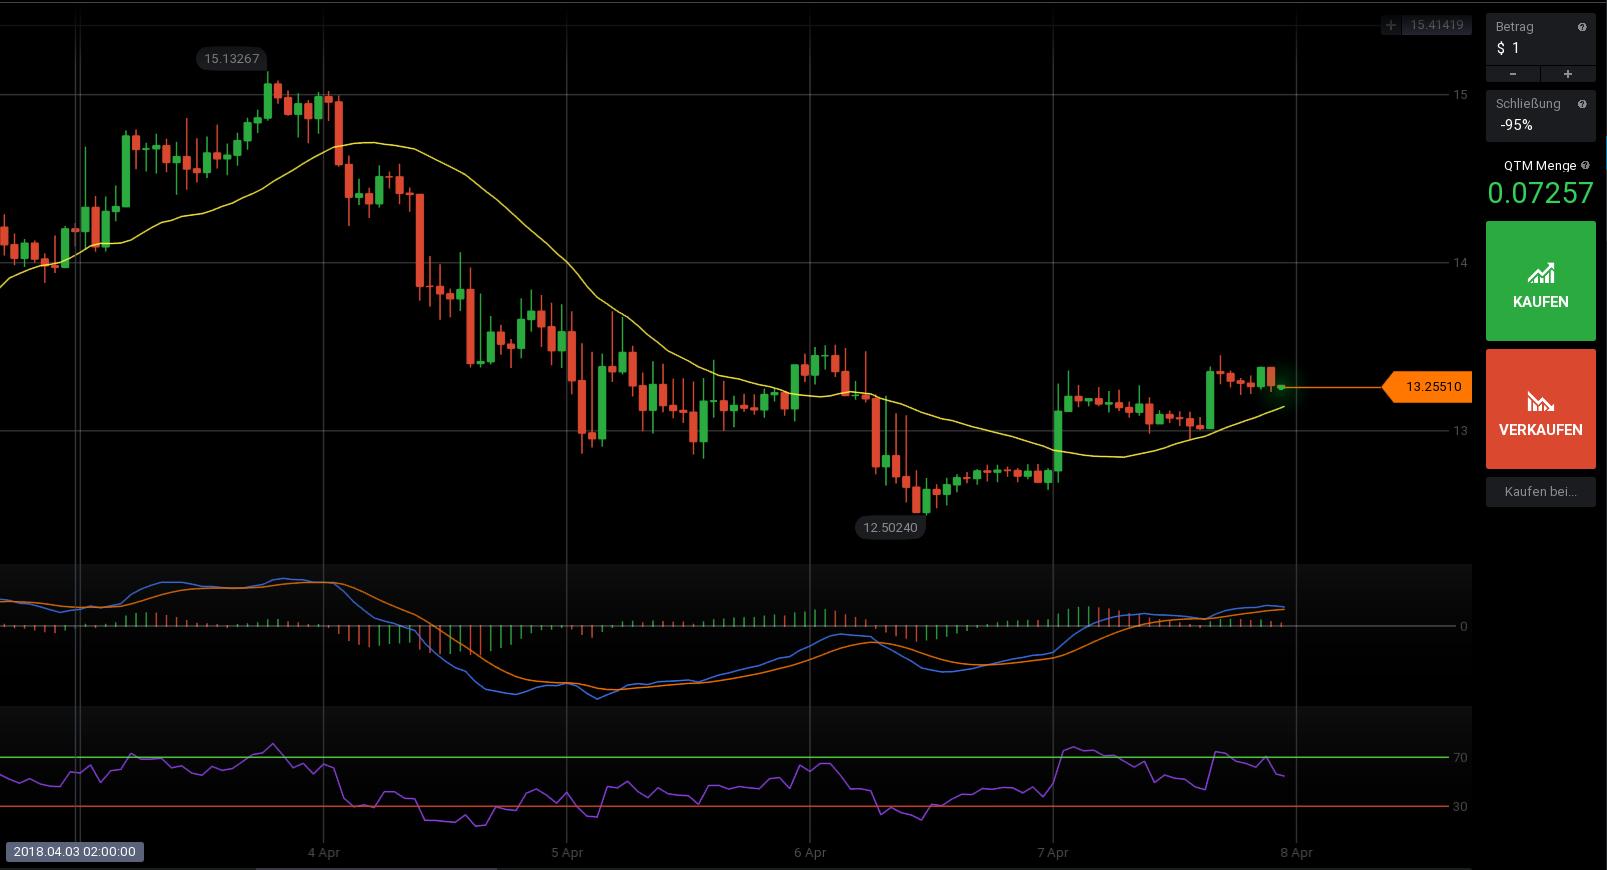 Trading Indikatoren